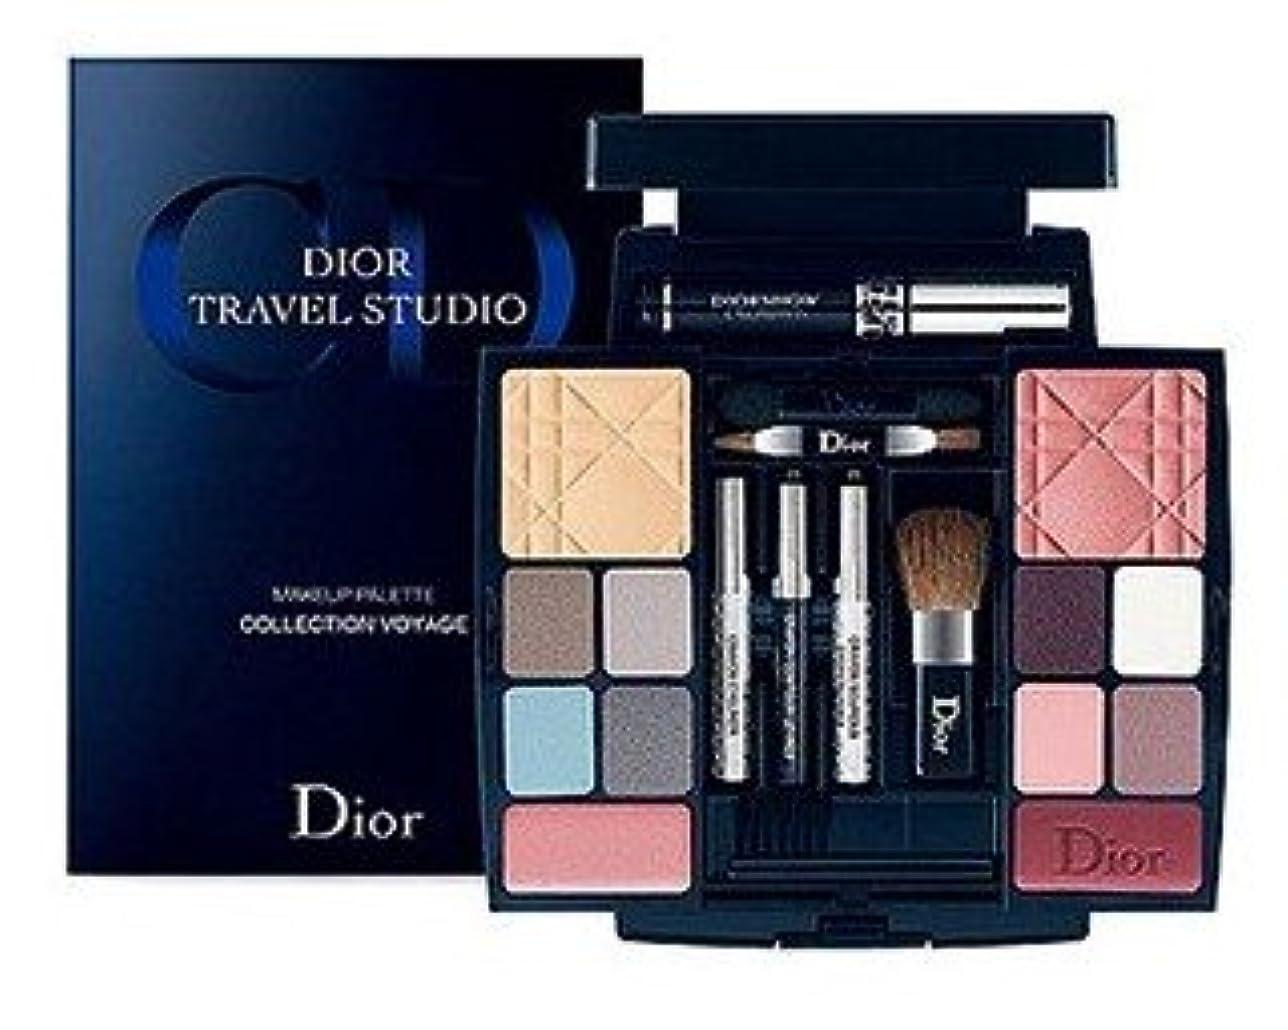 豚母性矩形Dior ディオール トラベルスタジオ メイクアップ パレット Collection VOYAGE